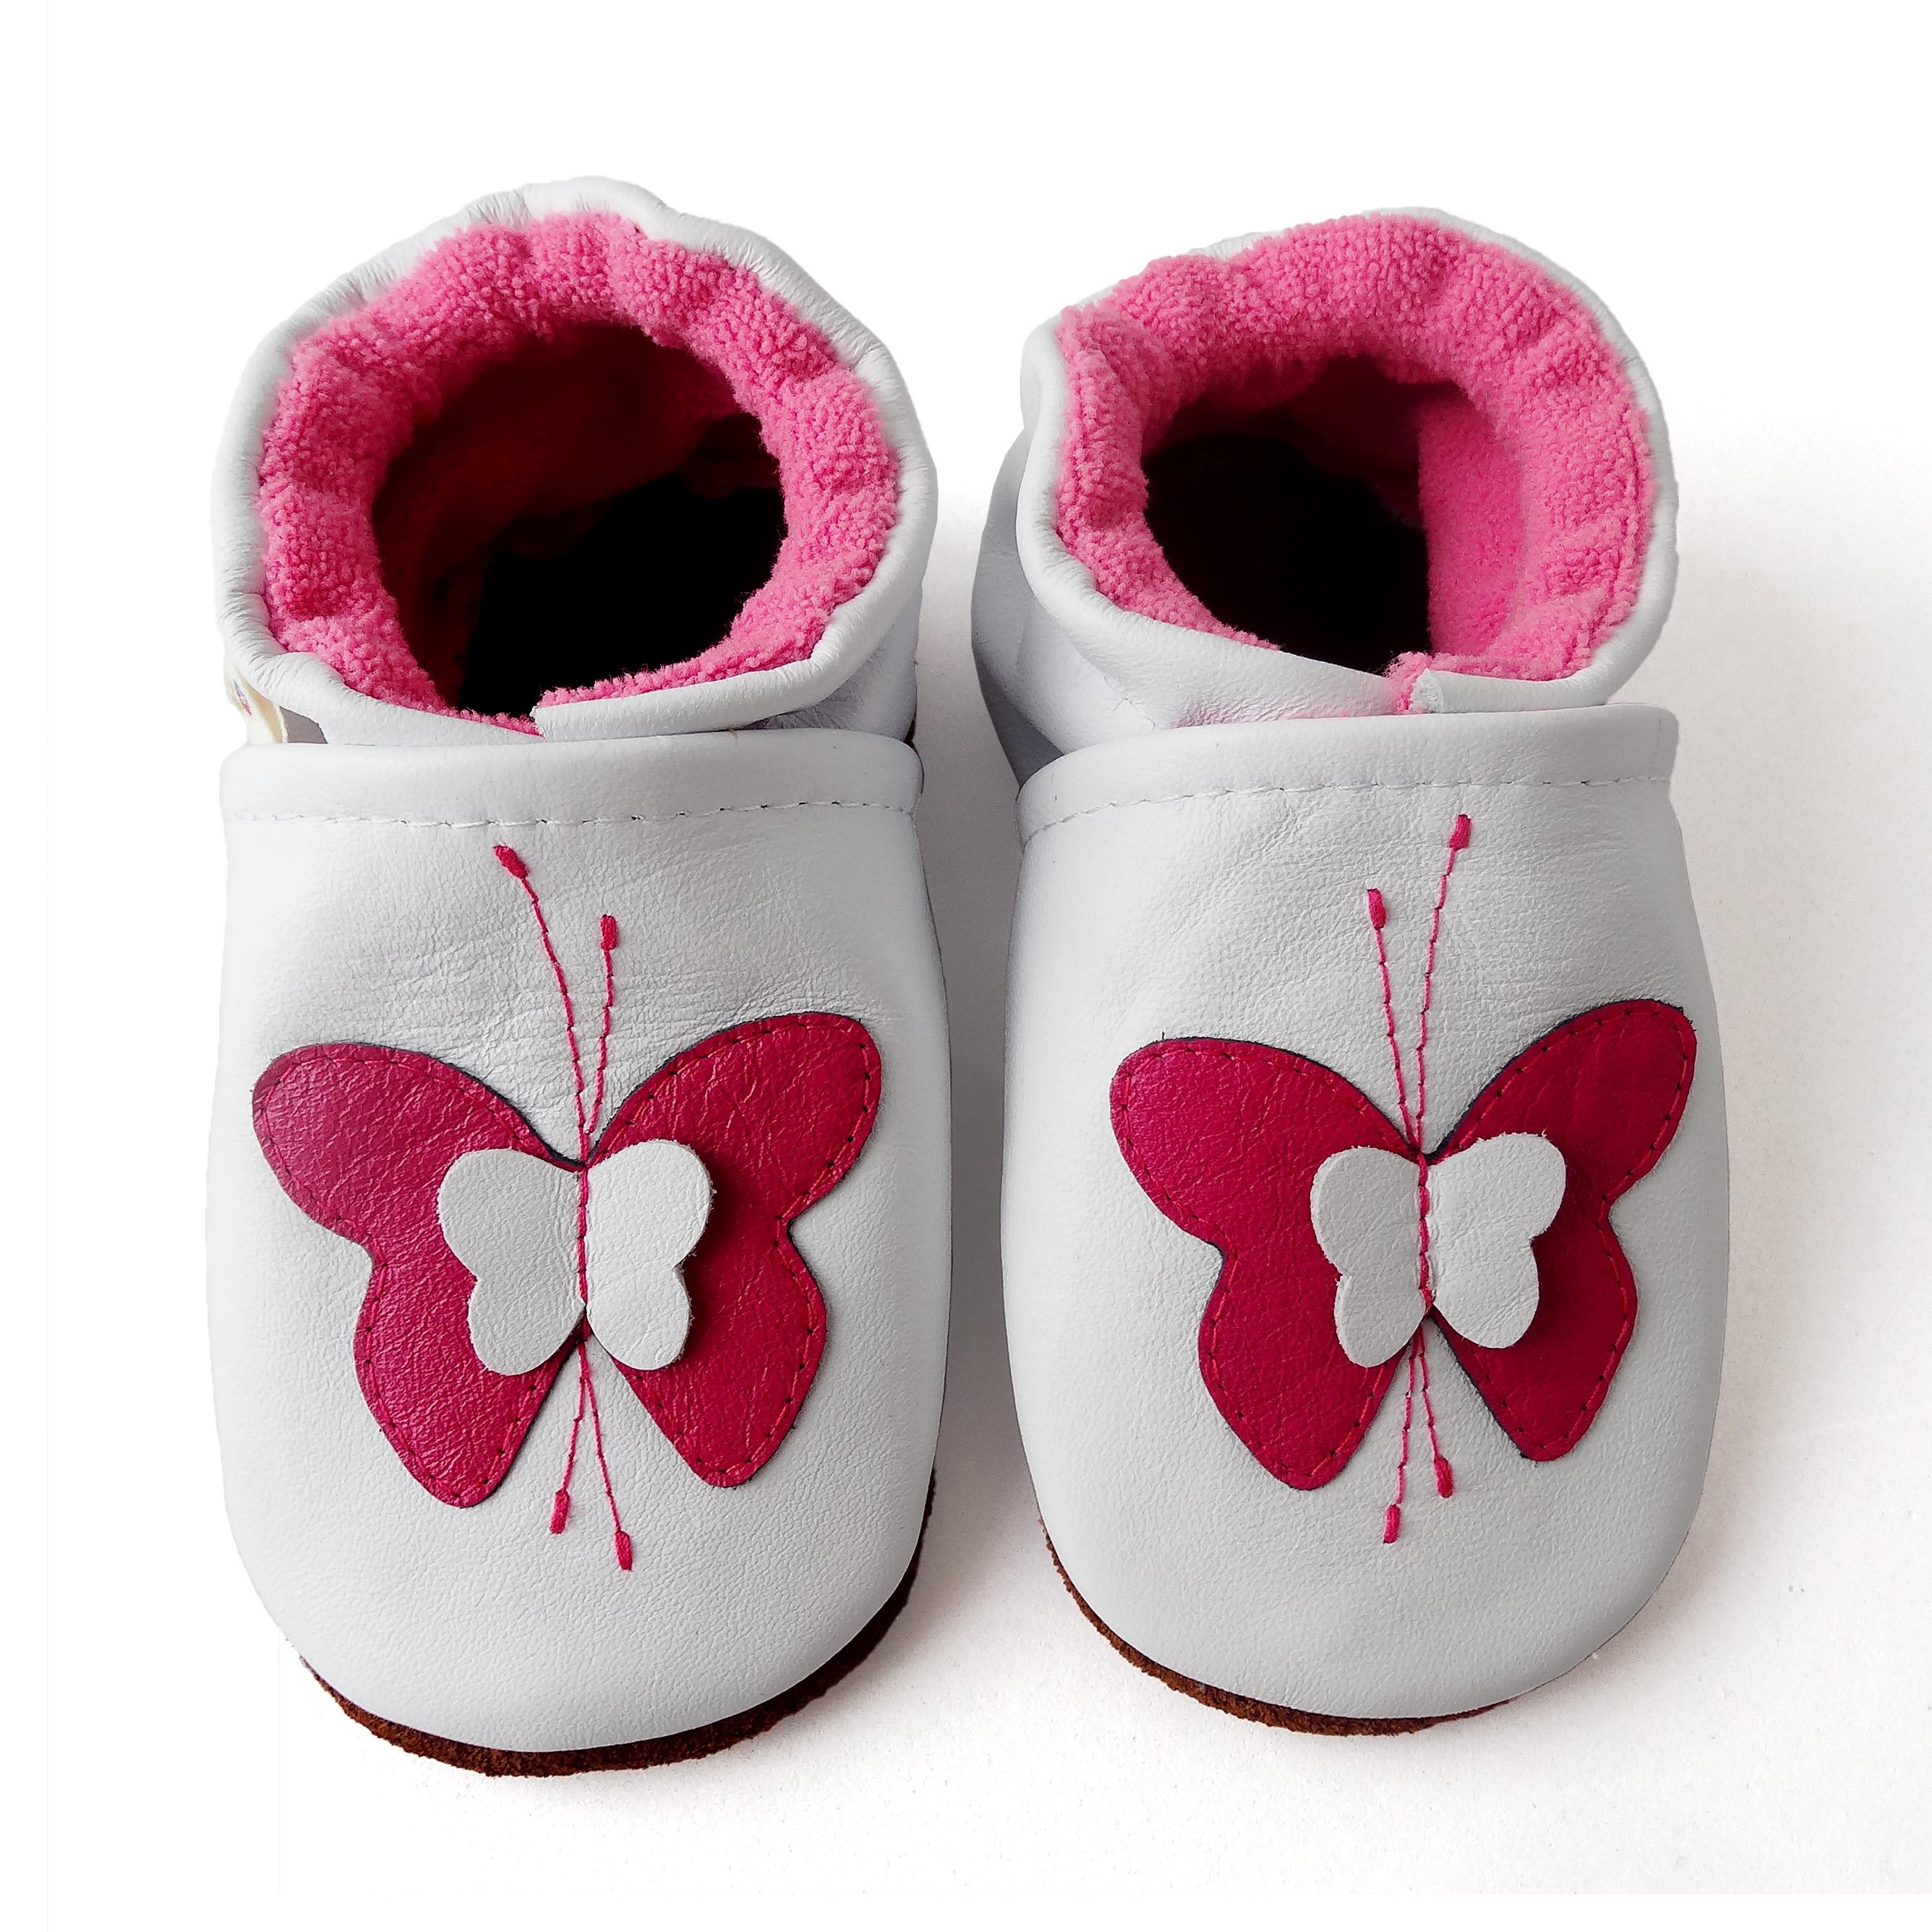 bfab3d922 Zapato de gateo. Diseño mariposa - Patos Zapatos